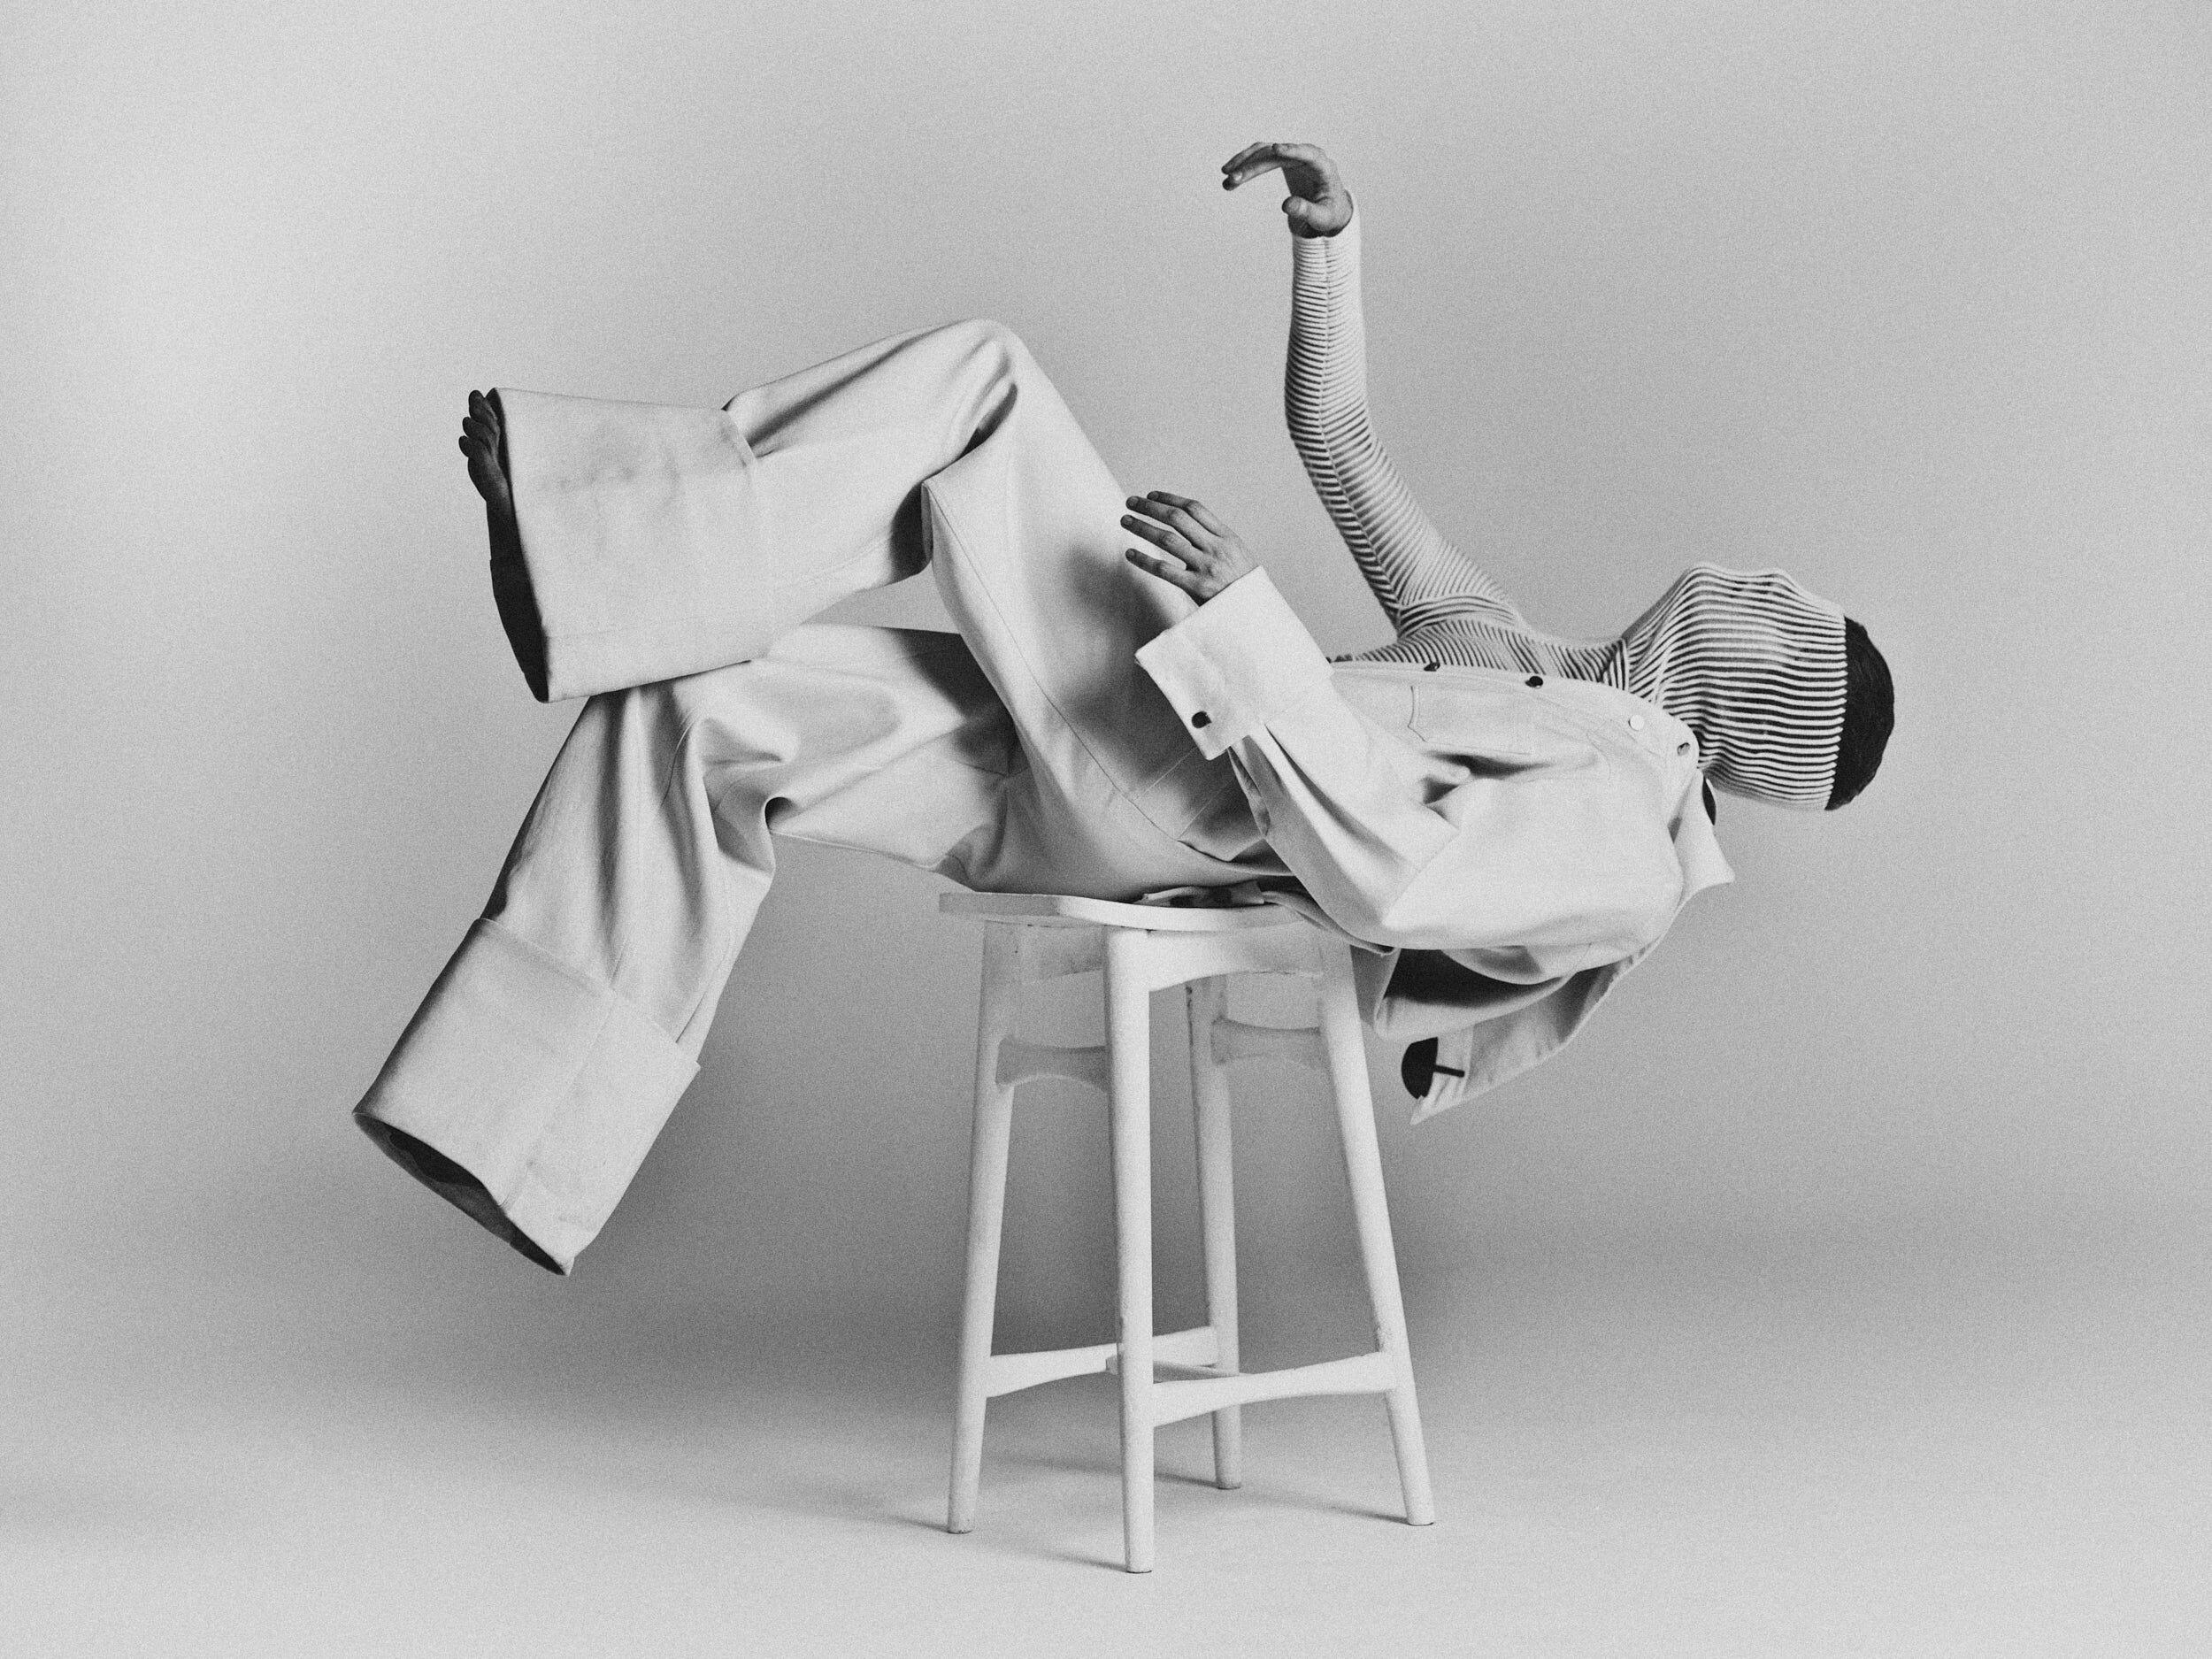 Fotografia di moda in bianco e nero di Bastiaan Woudt.